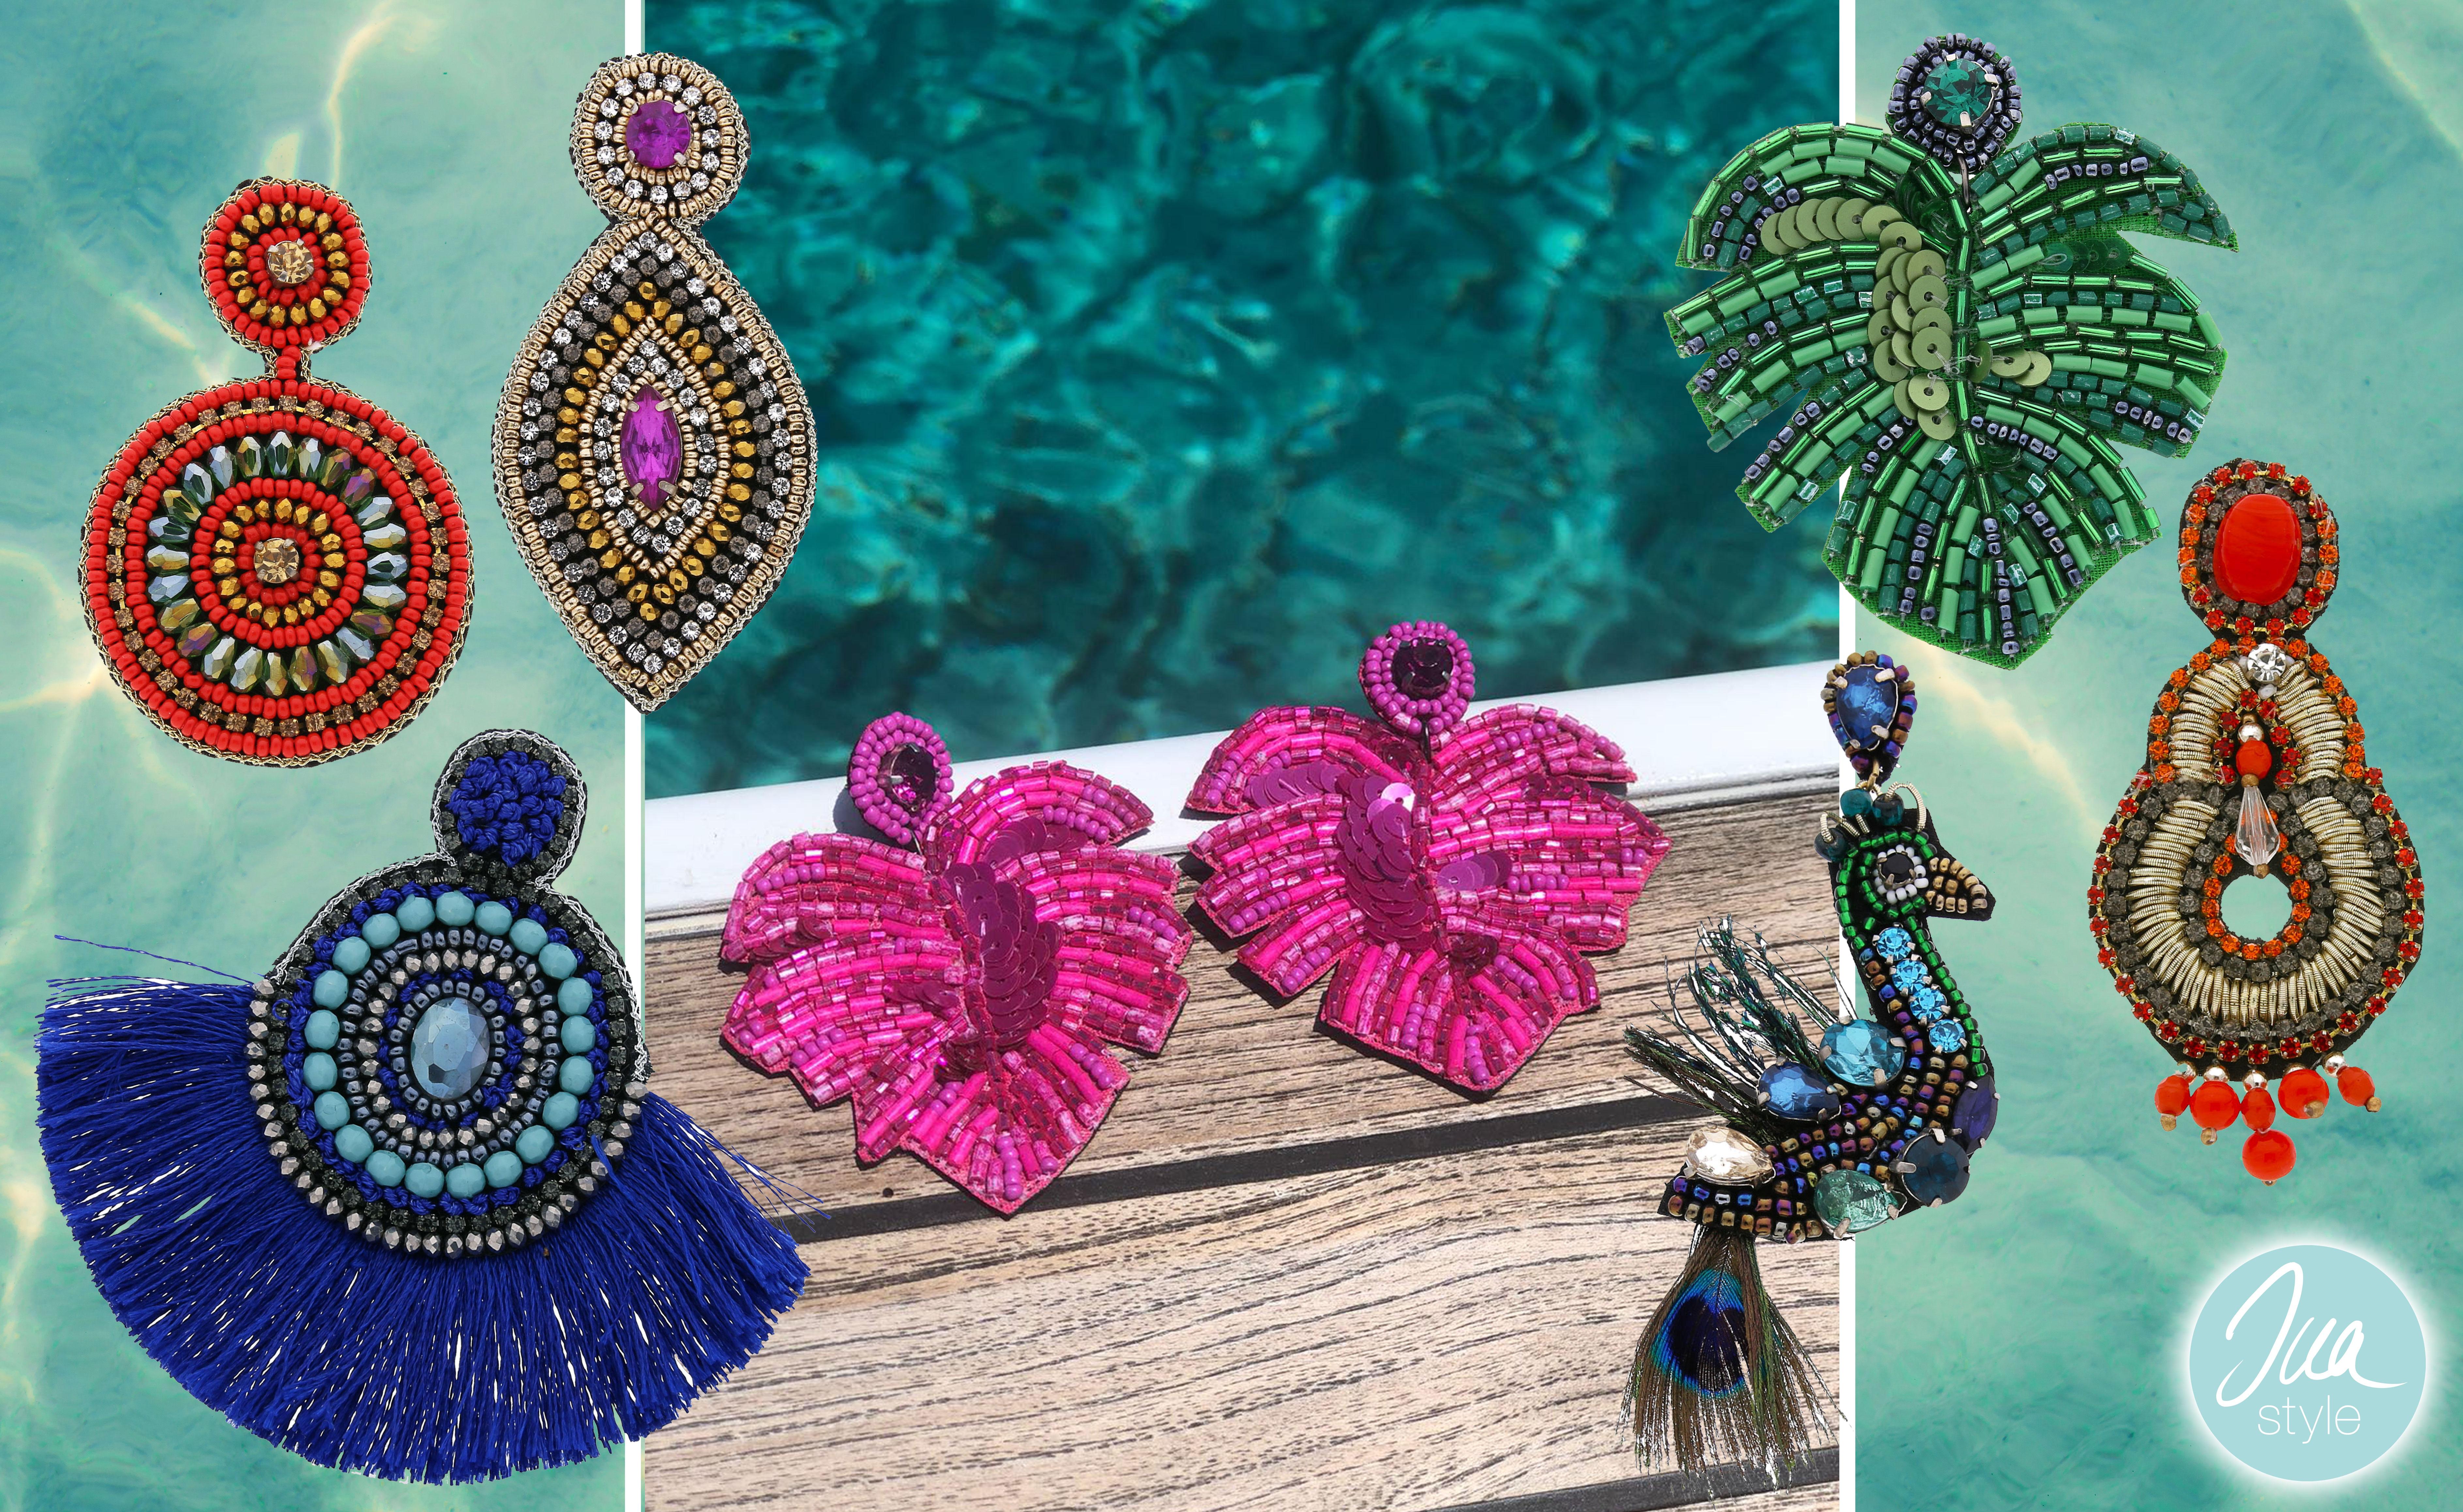 INAstyle I Bunte und besondere Ohrringe - exotisch und orientalisch angehaucht!